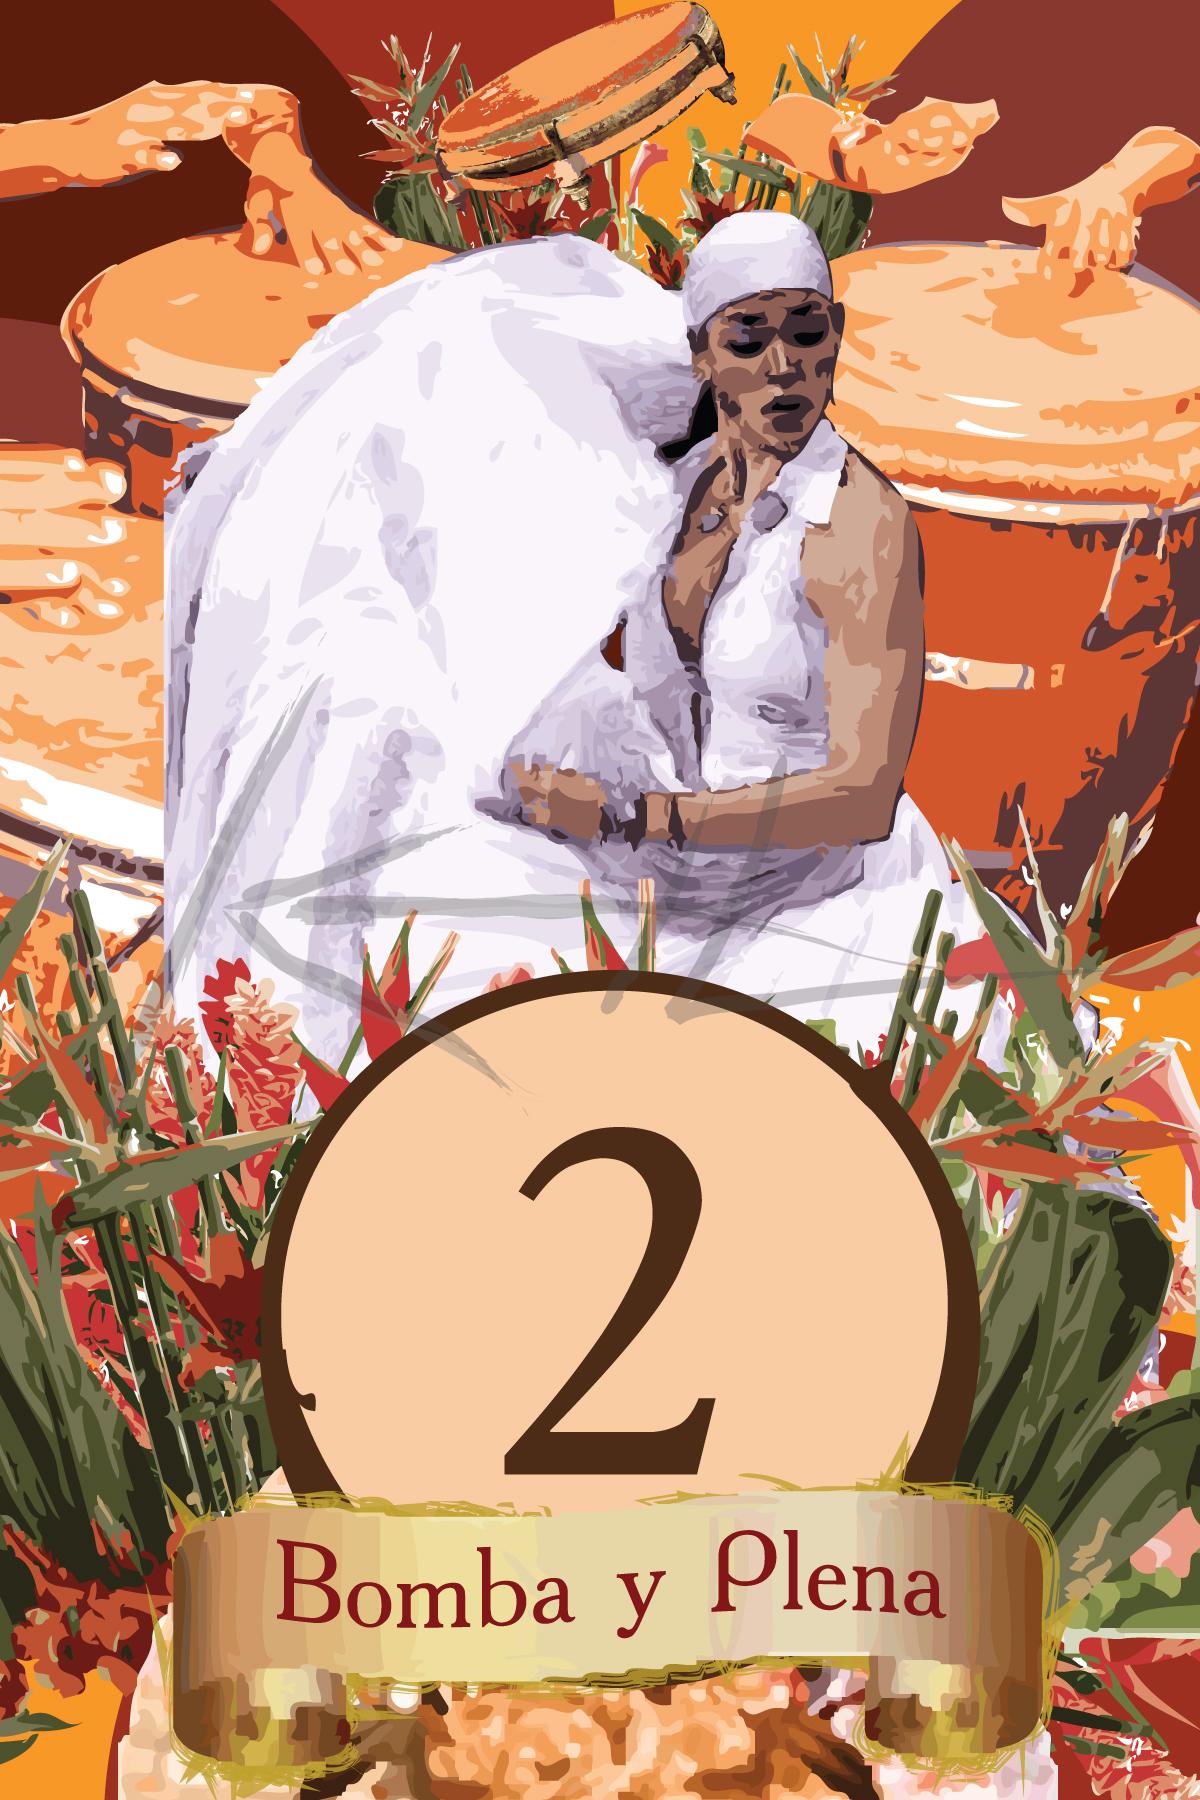 Wedding Table Cards: Bomba y Plena